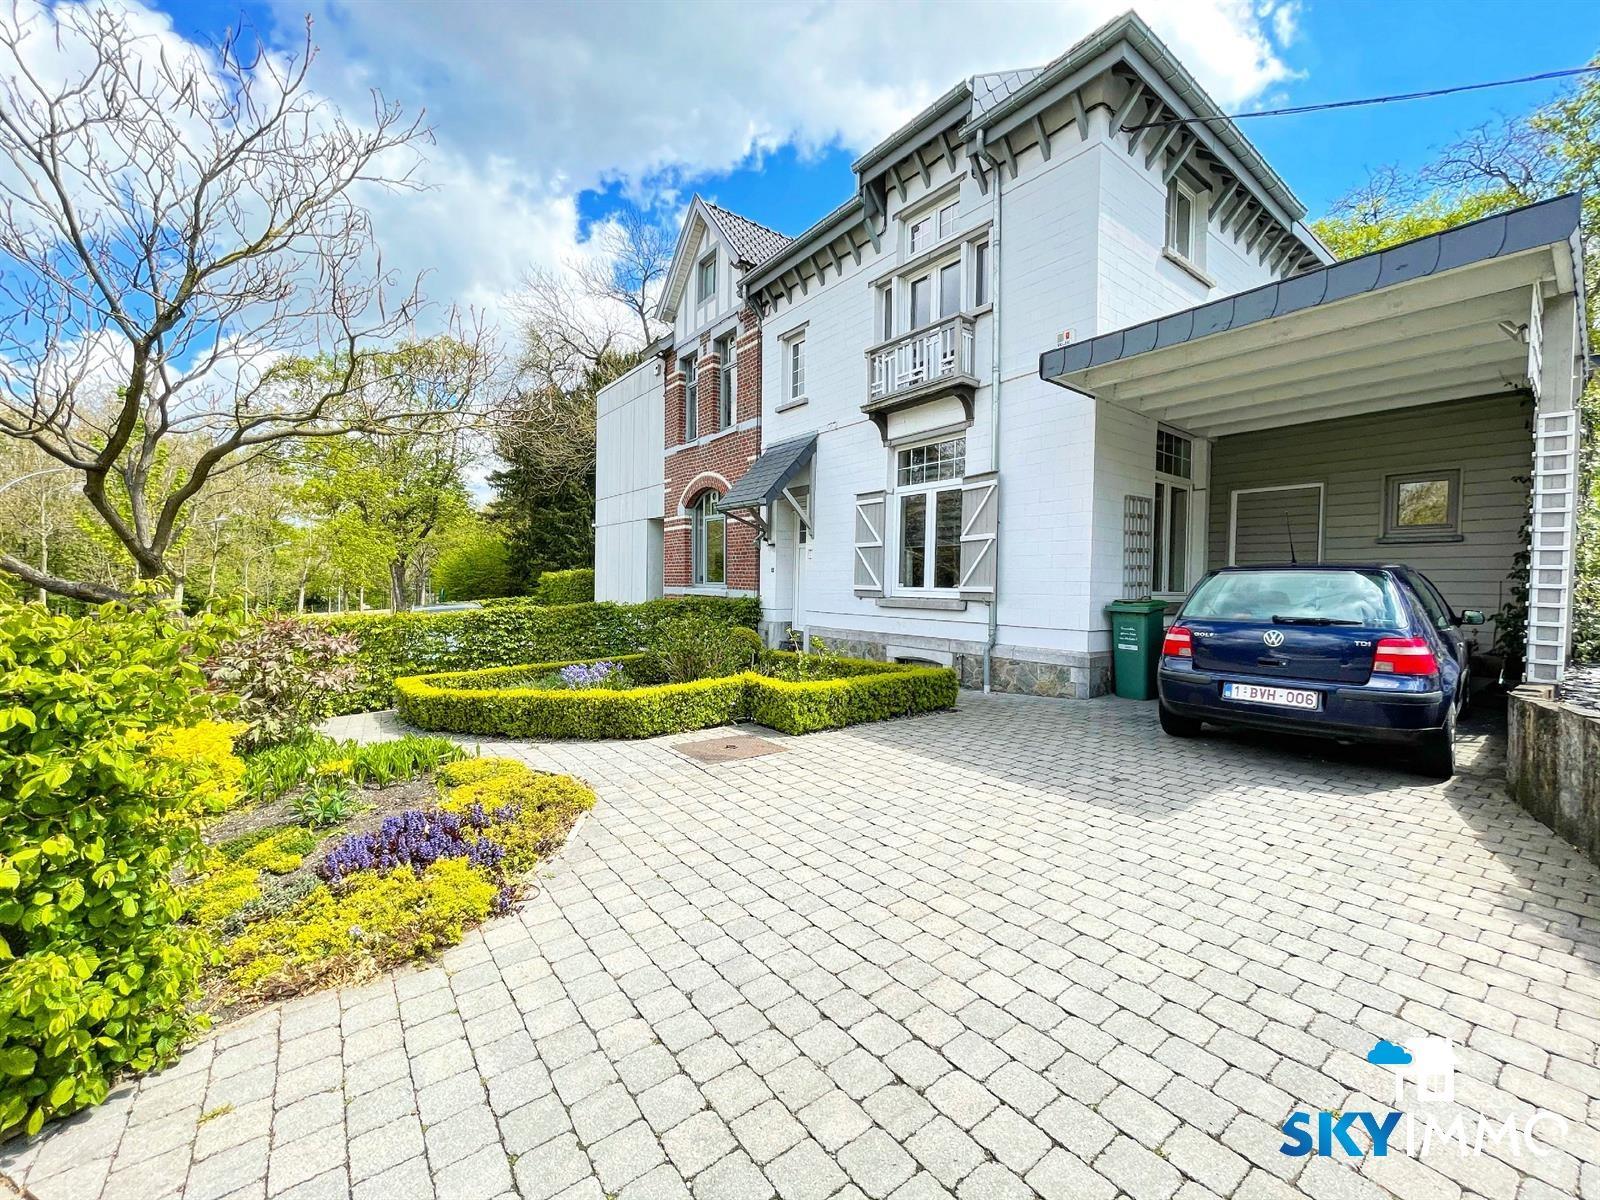 Huis - Liege - #4355252-4